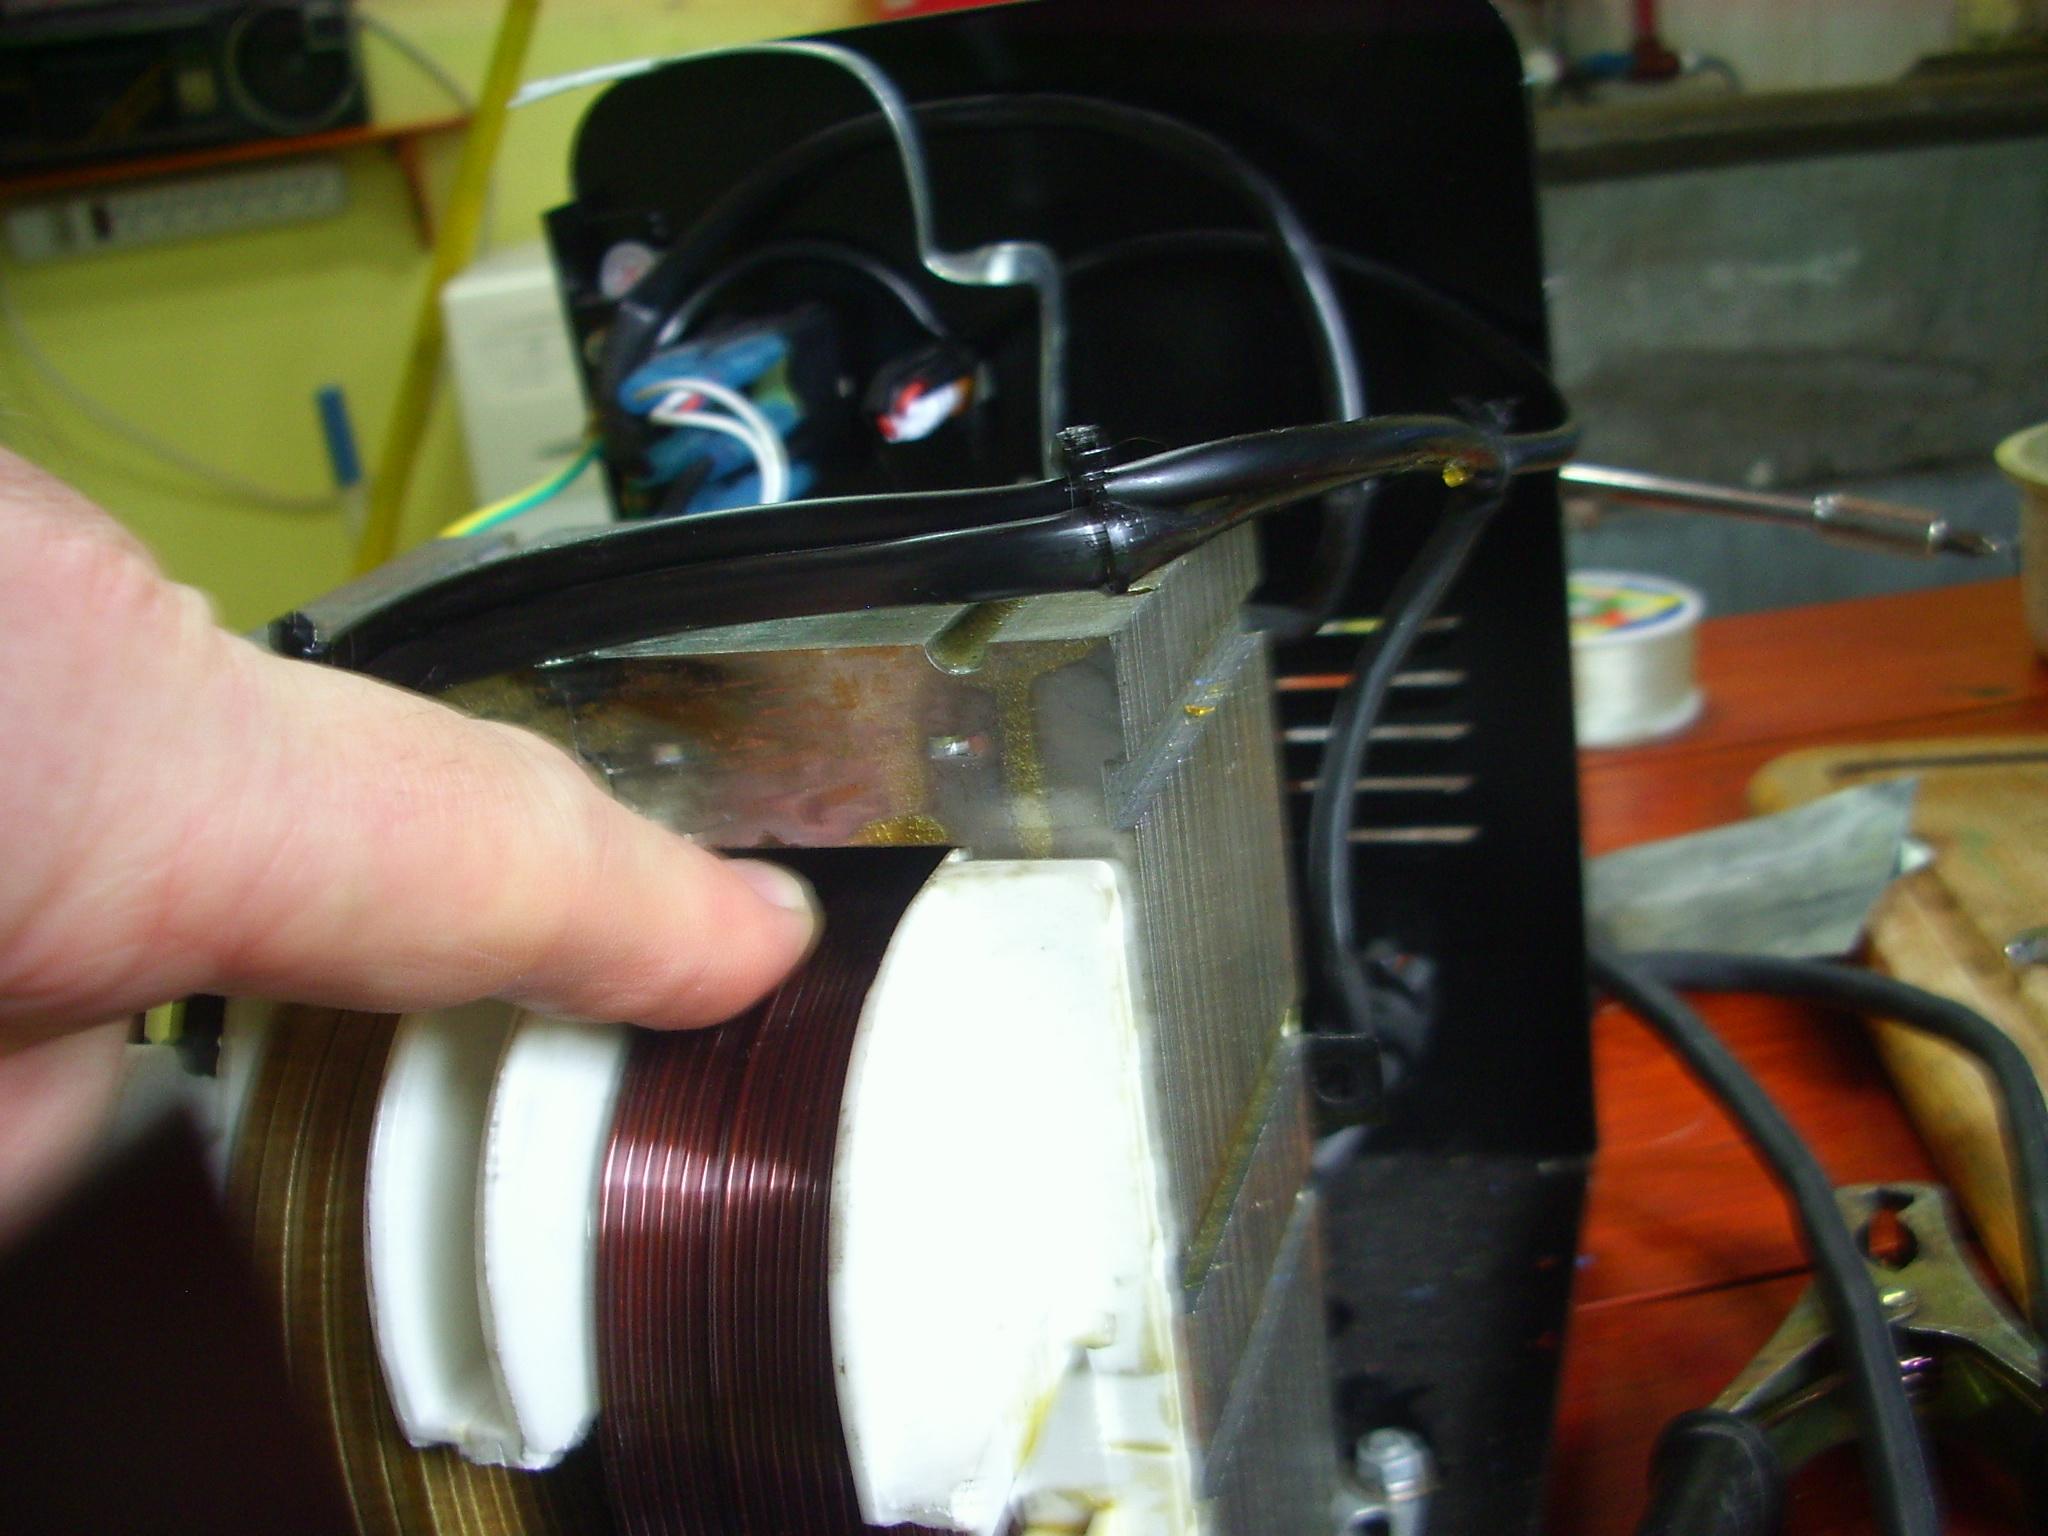 Hacking a welder (pirateando una soldadora)